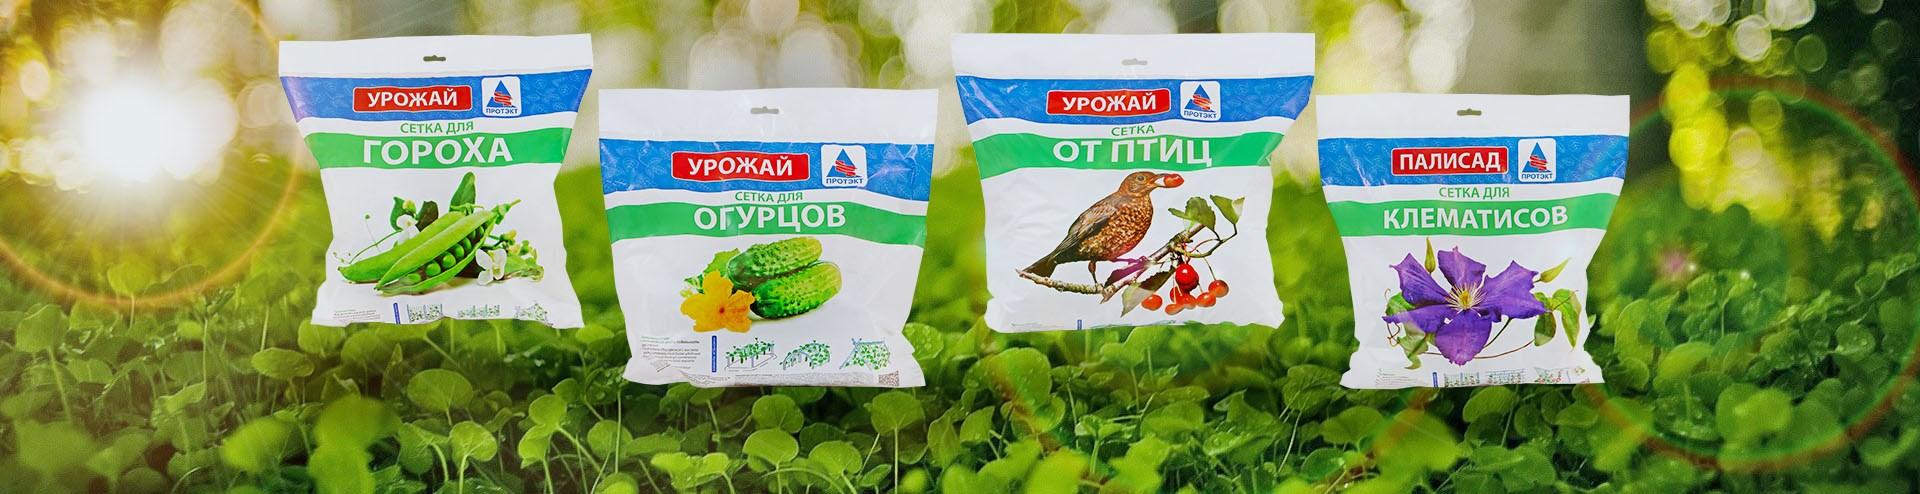 сетки для урожая